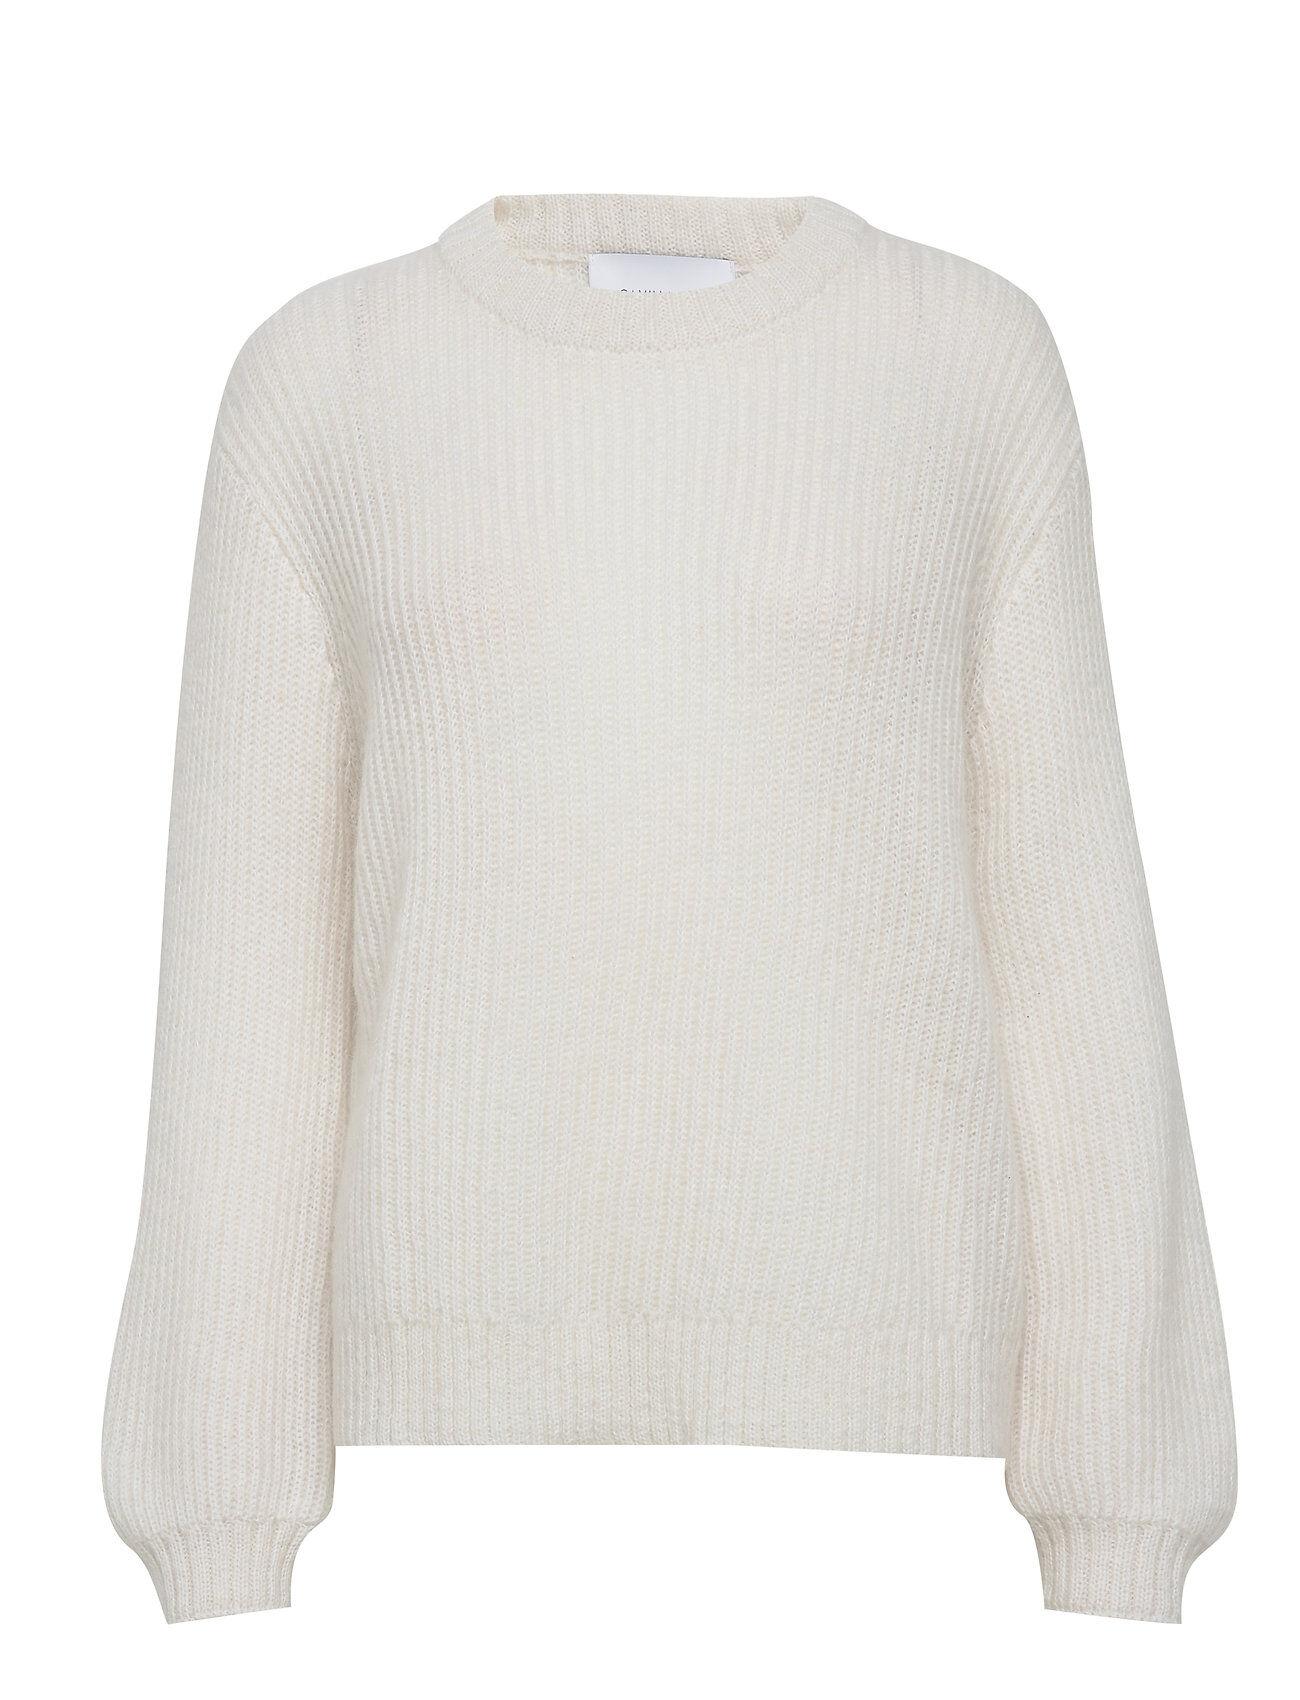 Camilla Pihl Madrid Sweater Neulepaita Valkoinen Camilla Pihl